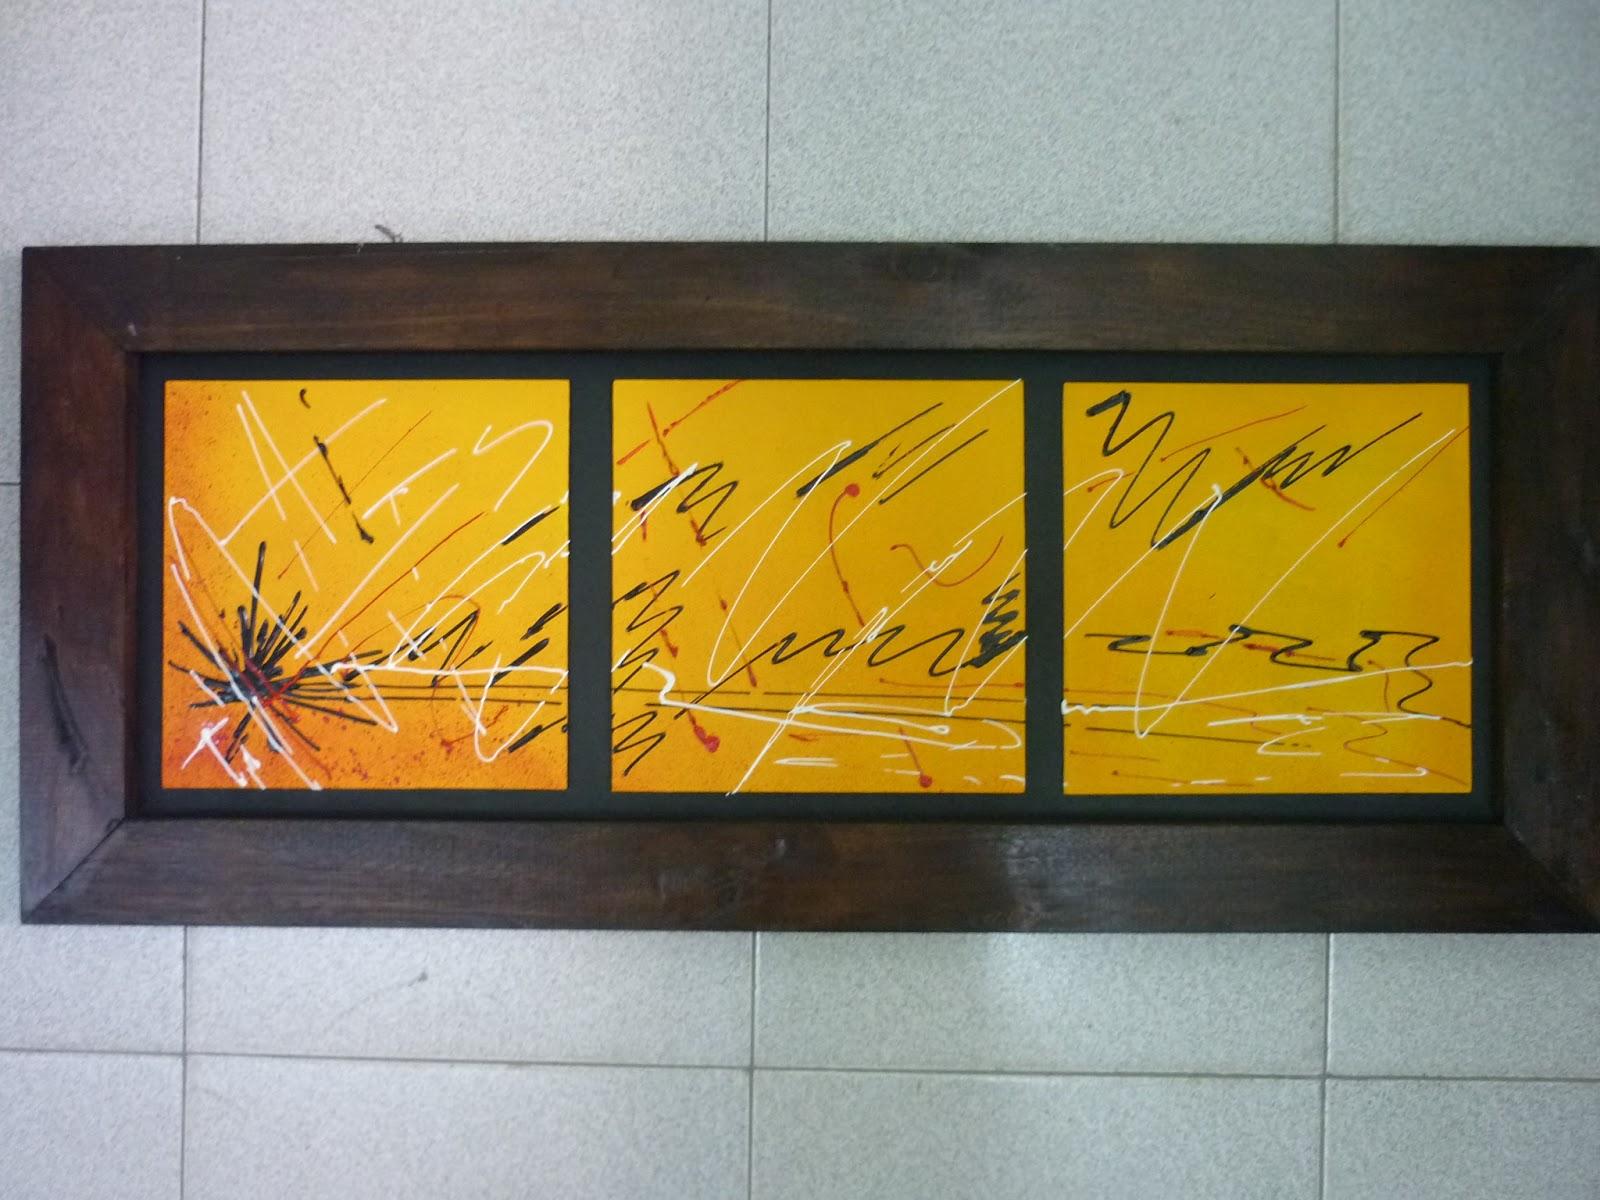 Creaciones de silvia cuadros de graciela - Cuadros para enmarcar ...